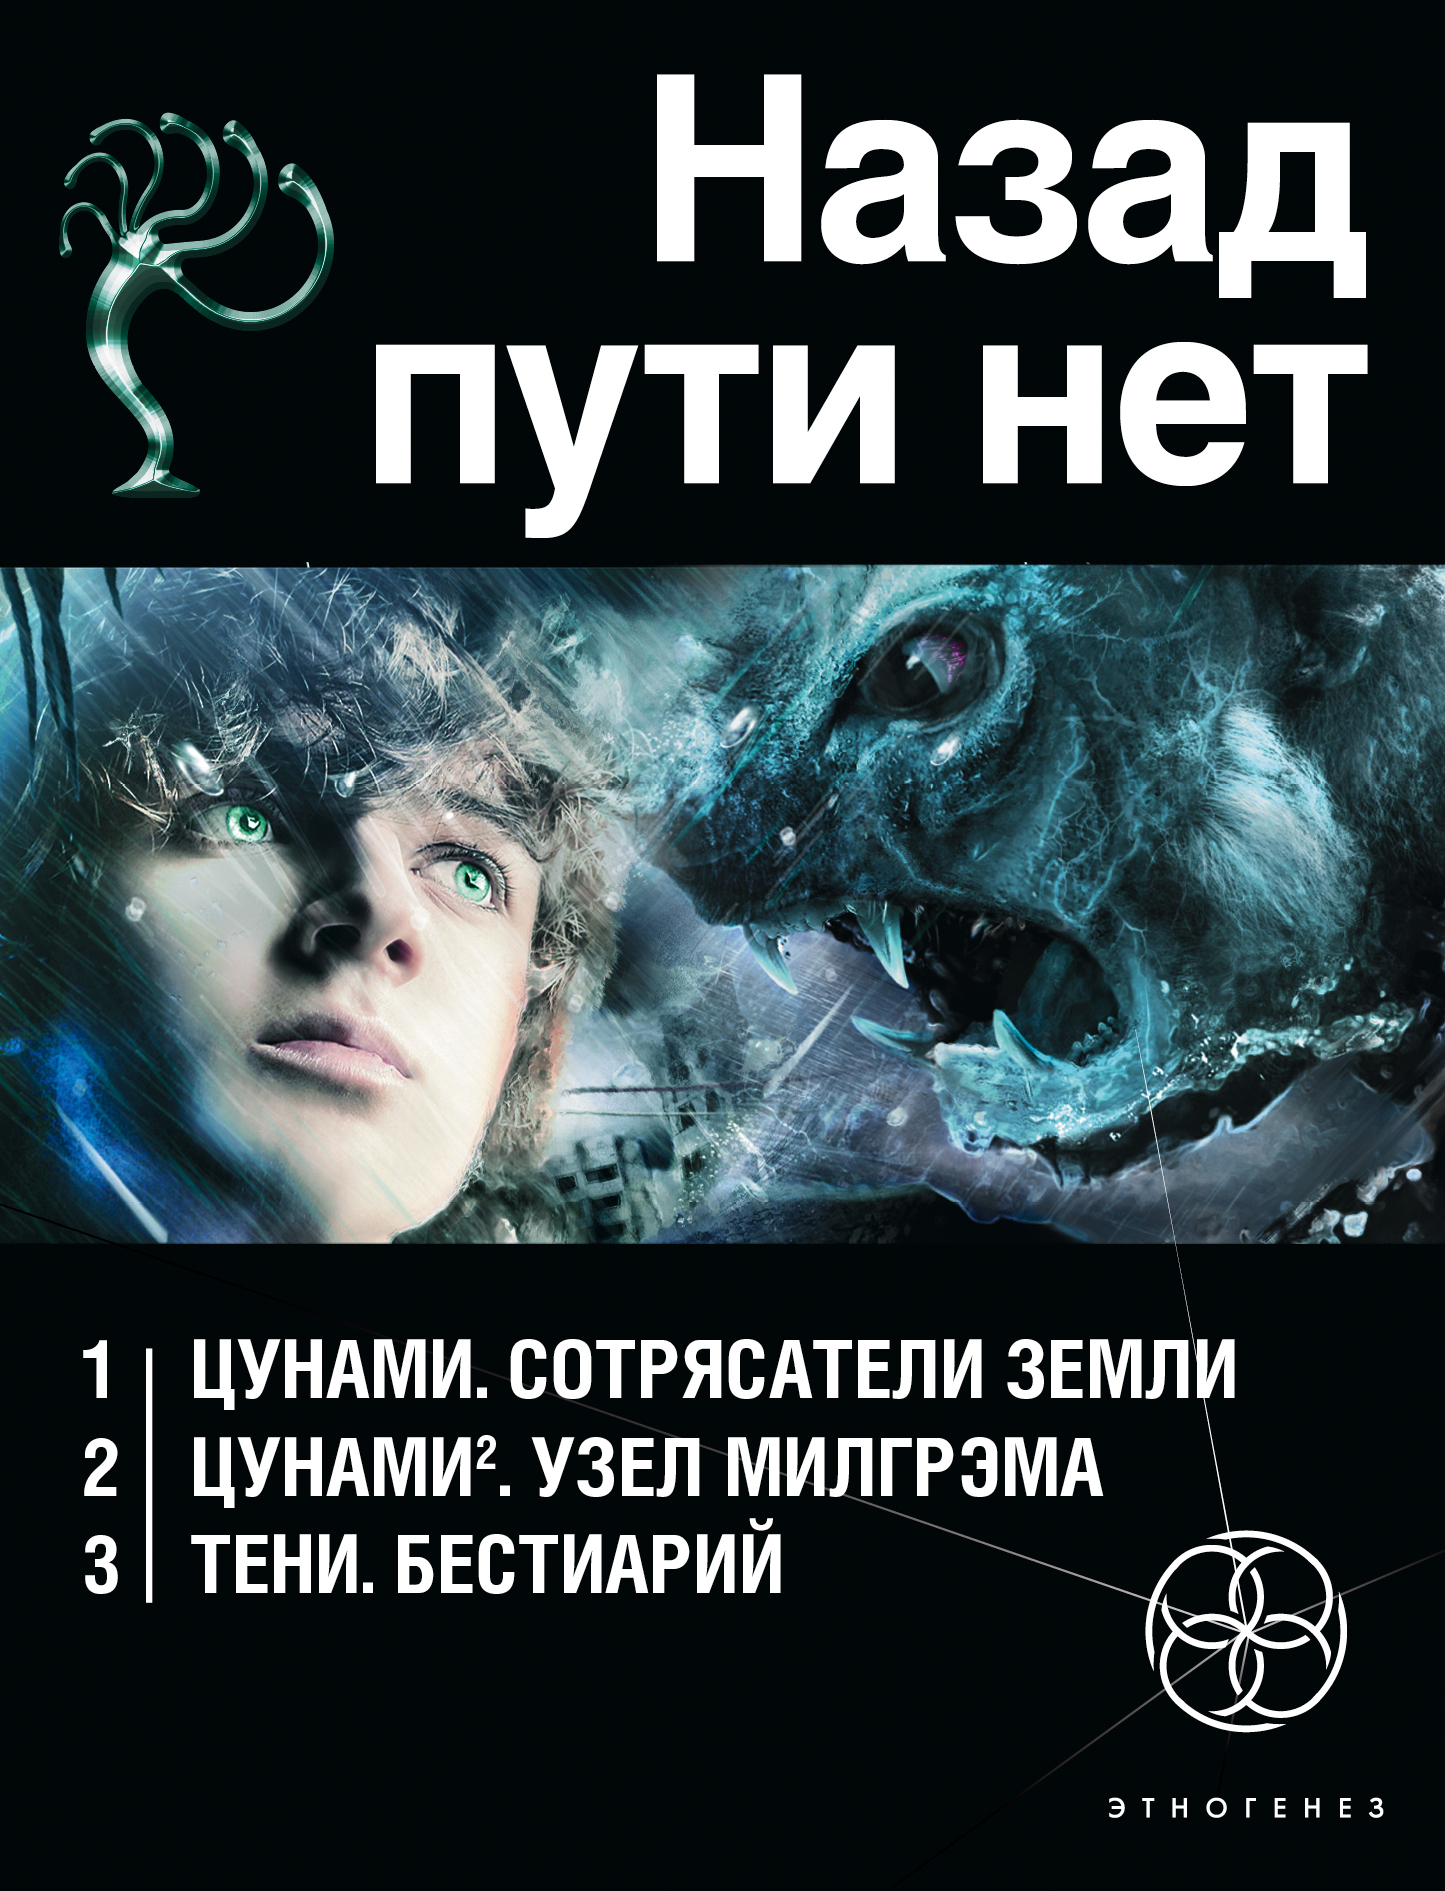 Лукьянов А., Наумов И. Назад пути нет (комплект из 3 книг) лукьянов а с цунами книга первая сотрясатели земли